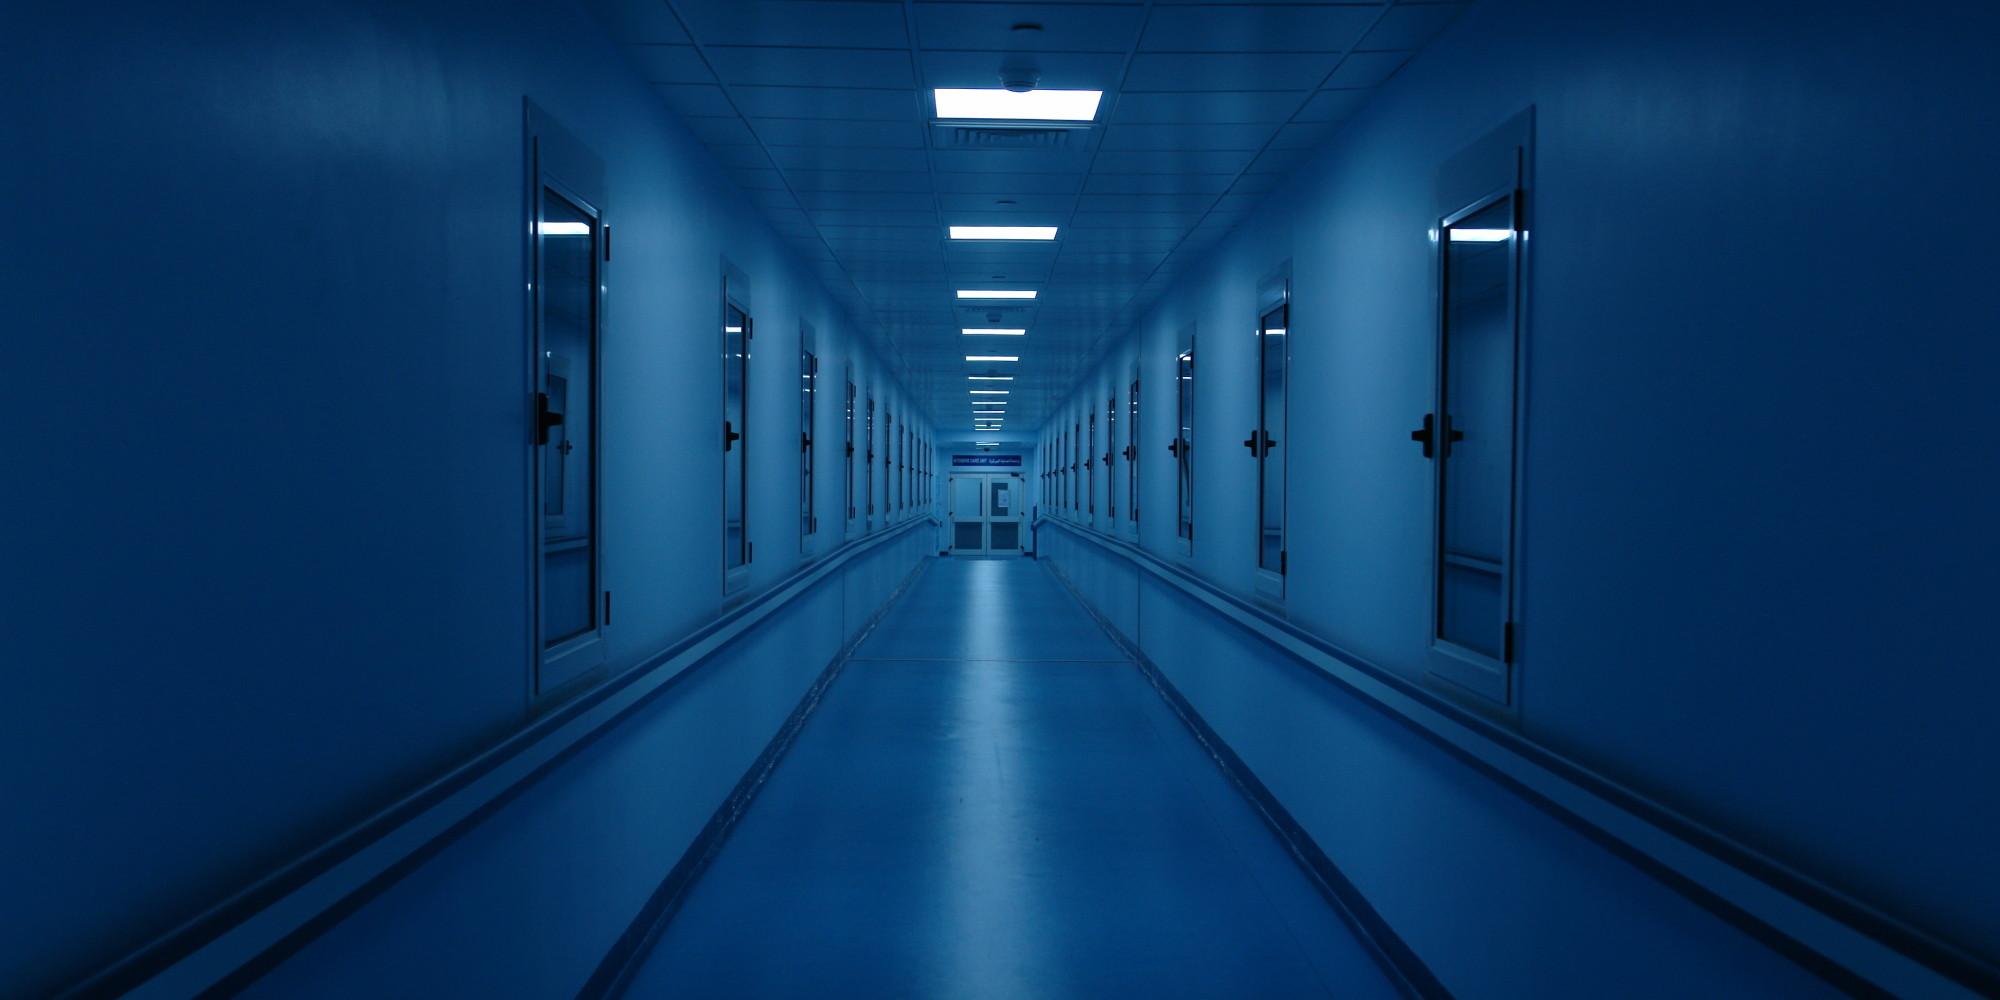 Главу новгородского центра психиатрии оштрафовали на 50 тысяч рублей за вспышку коронавируса